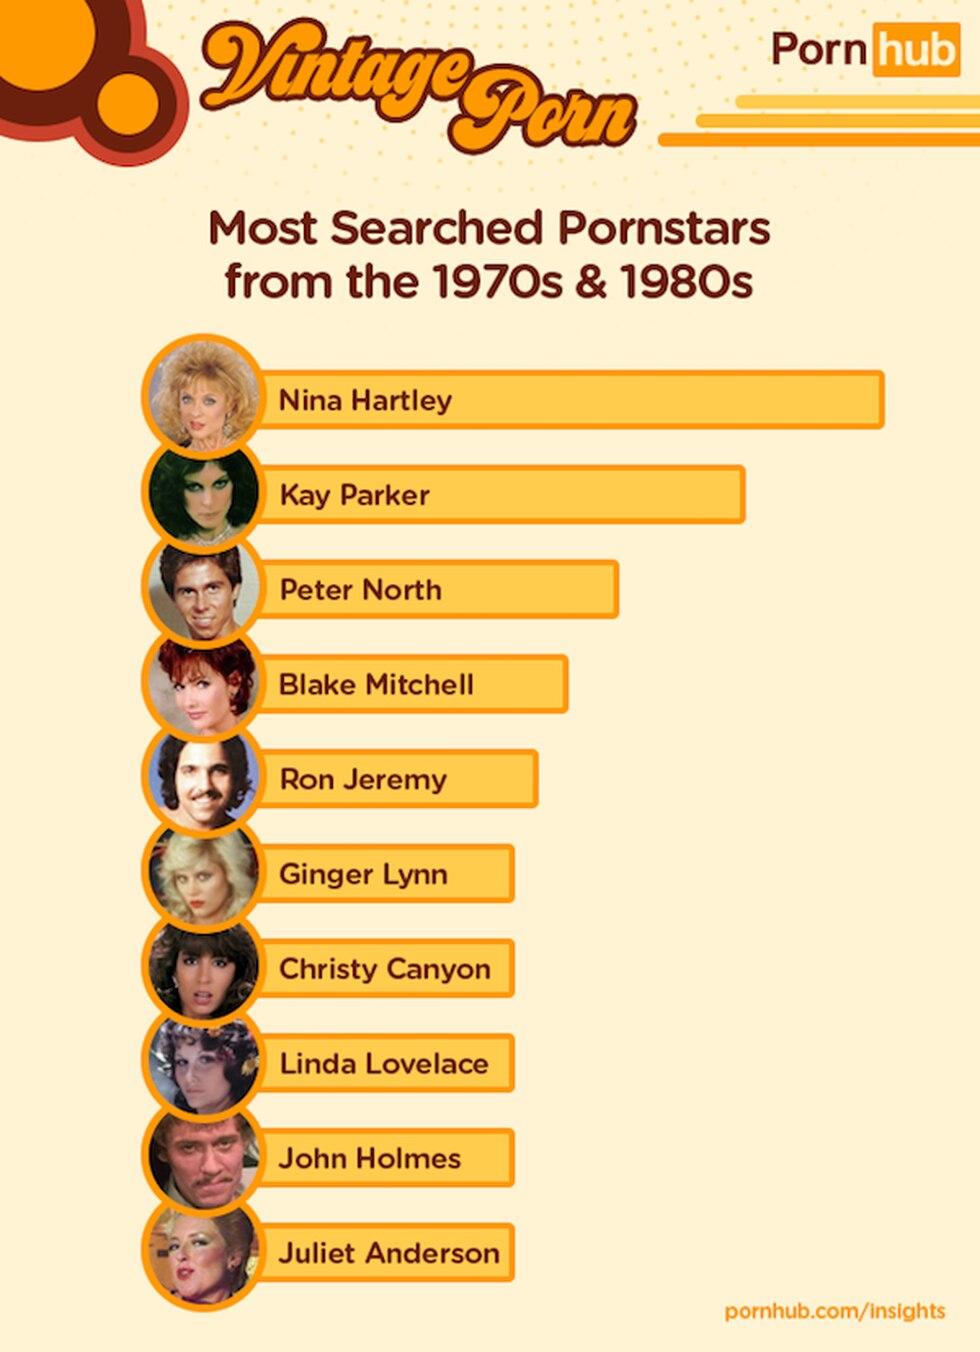 Lista de actores vintage más buscados en PornHub (PornHub)